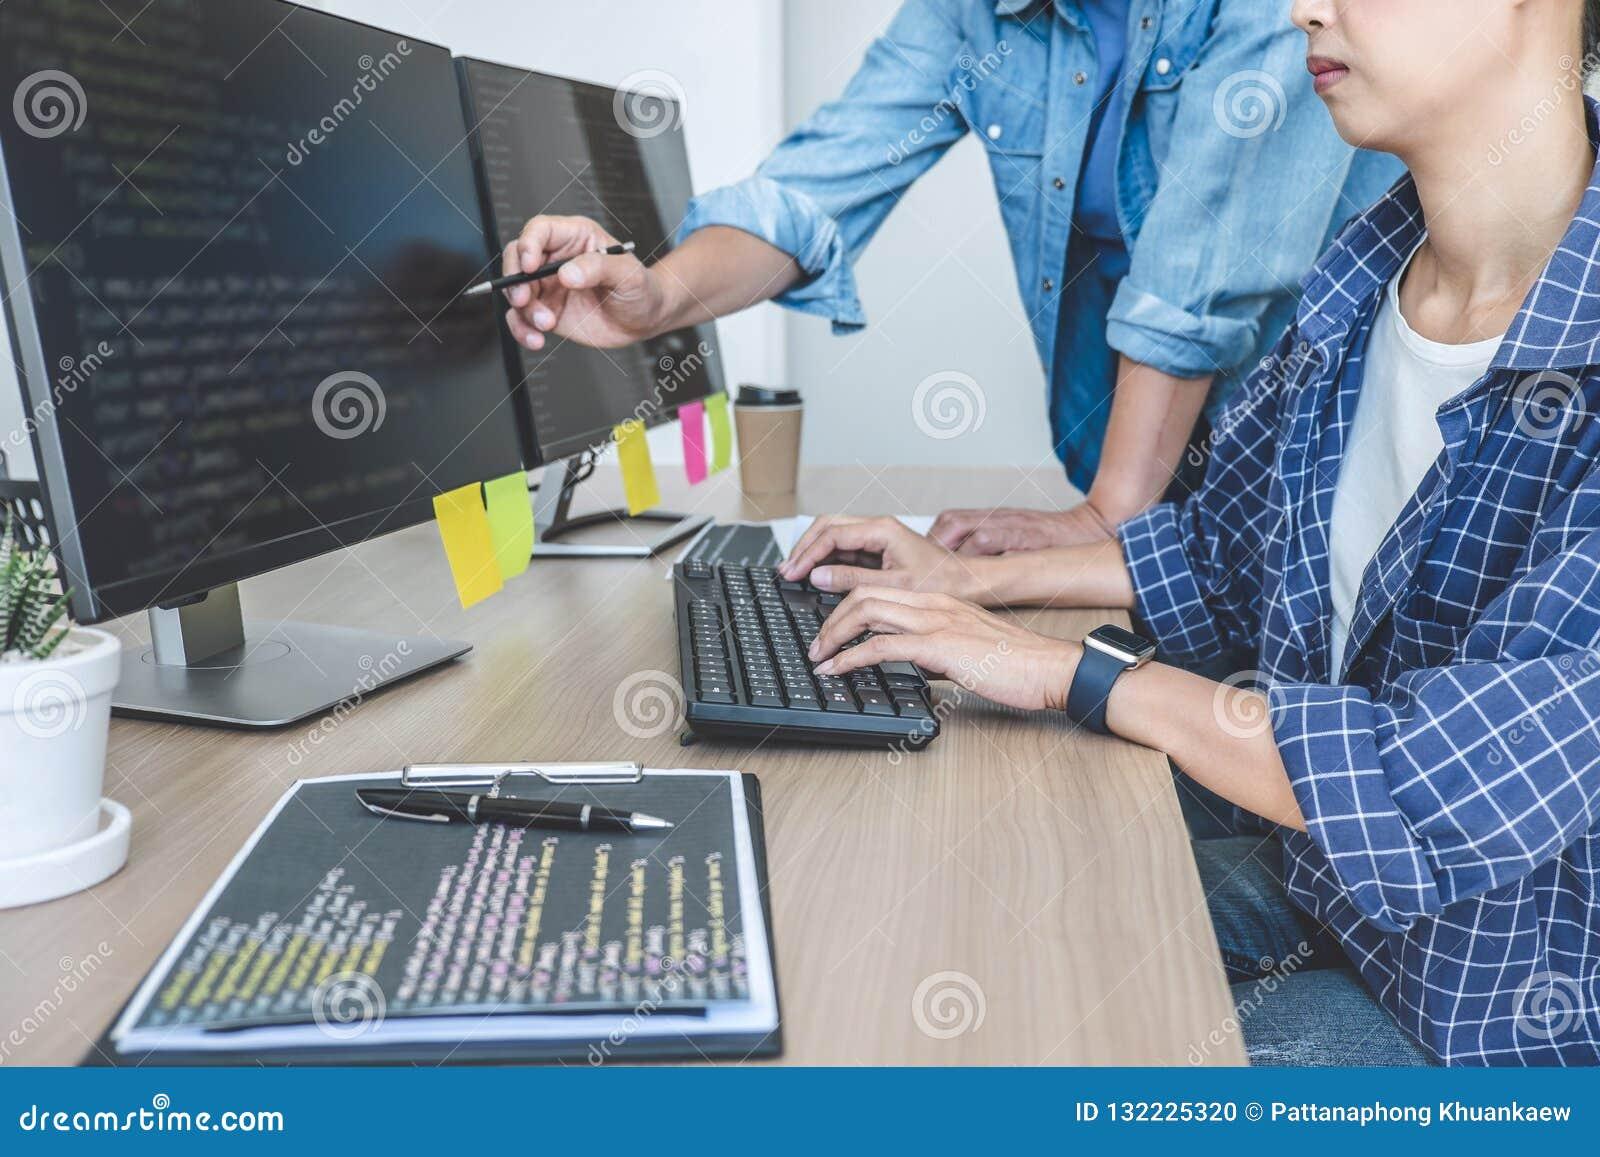 Escribiendo códigos y mecanografiando tecnología del código de datos, profesional dos